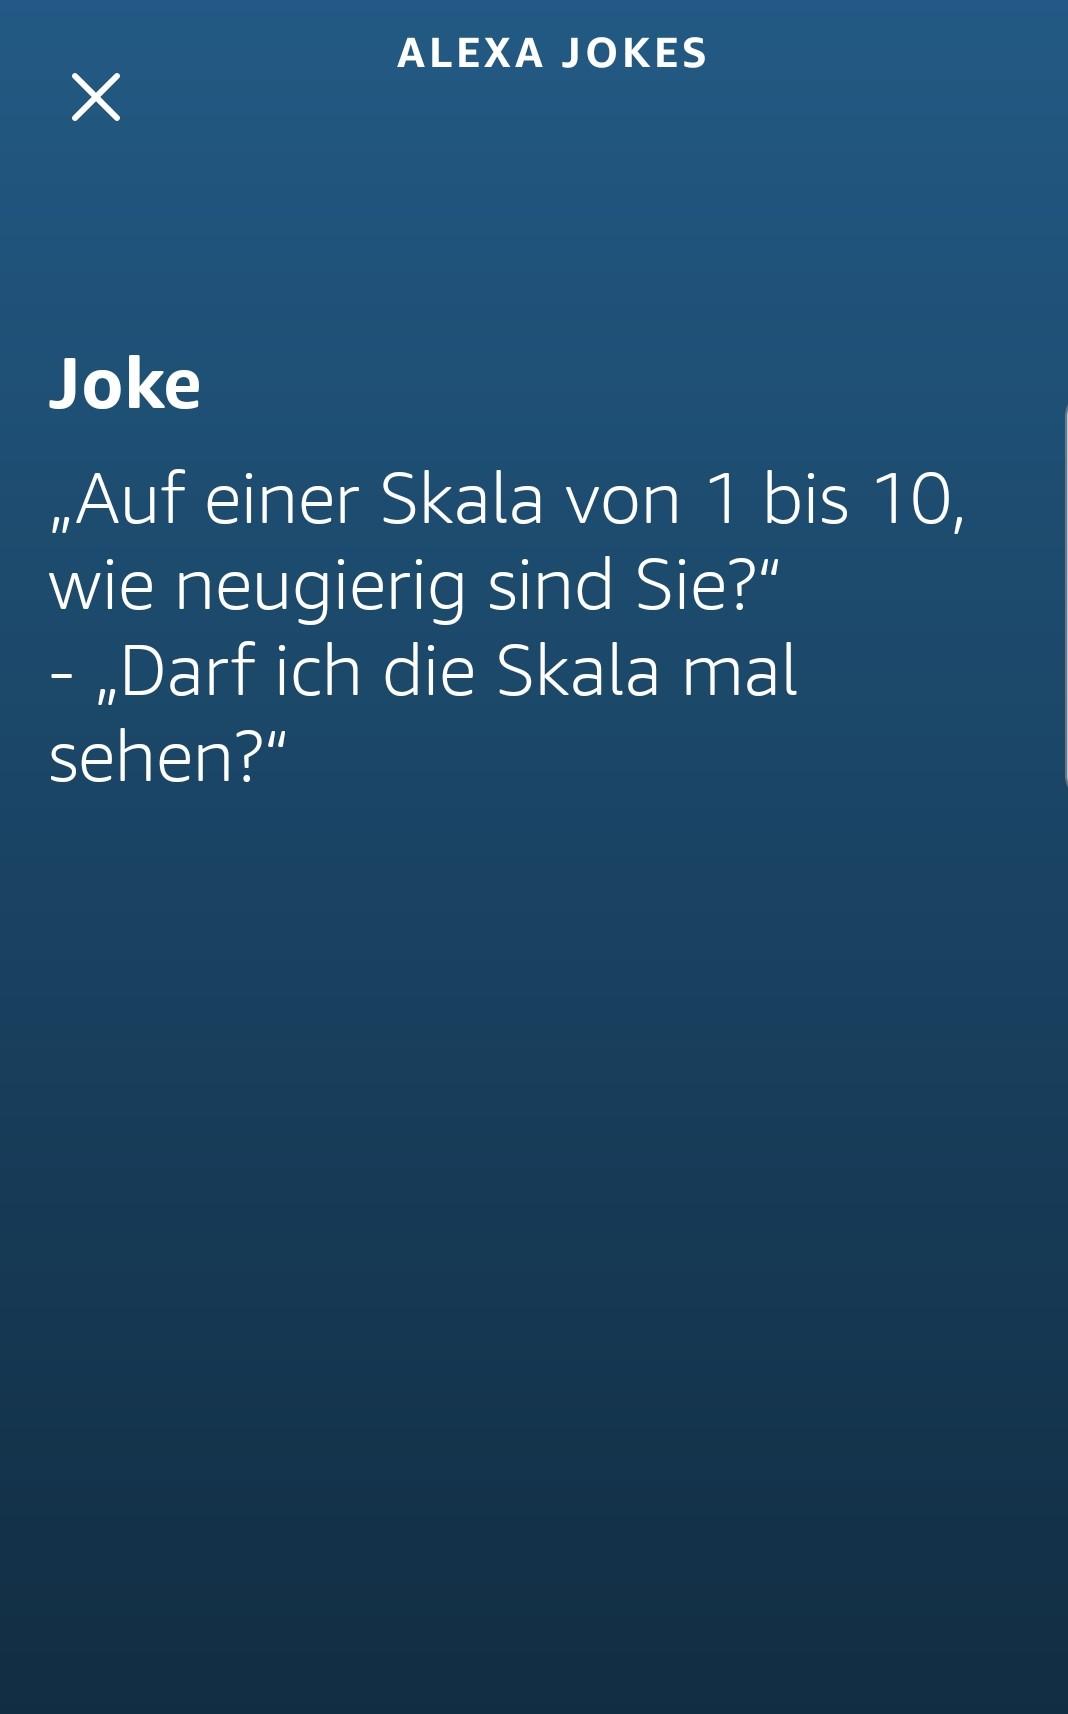 Alexa erzählt einen Witz.